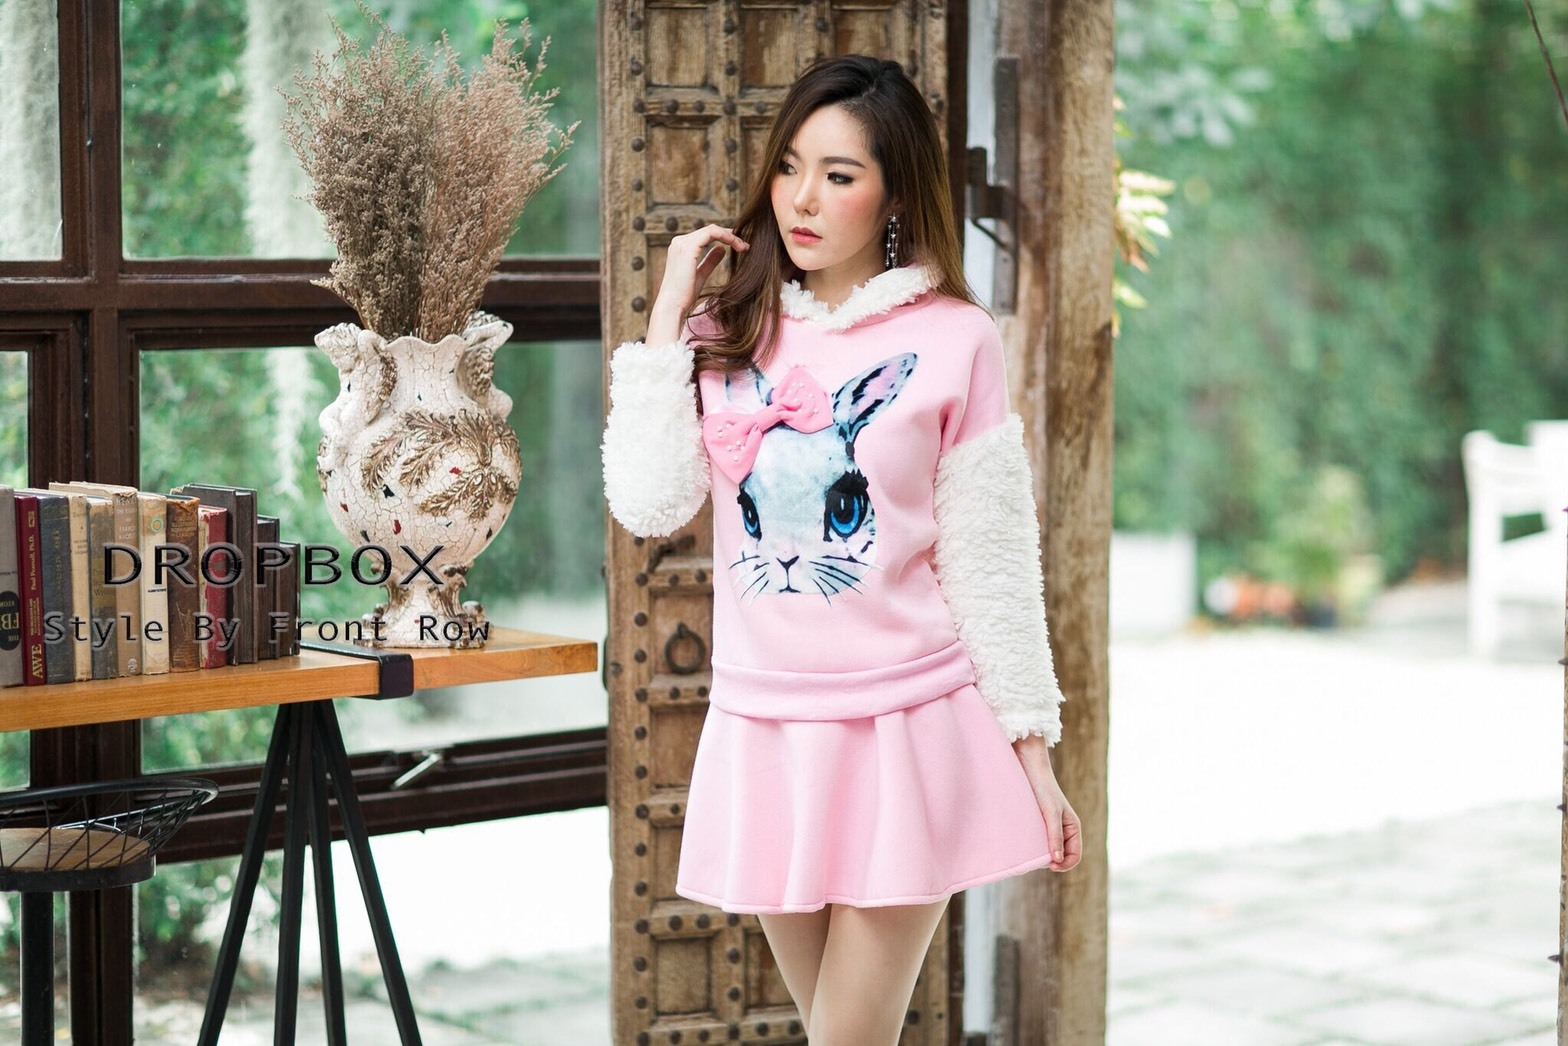 เสื้อเกาหลี พร้อมส่ง จั้มเปอร์ฮู้ด ลายกระต่าย